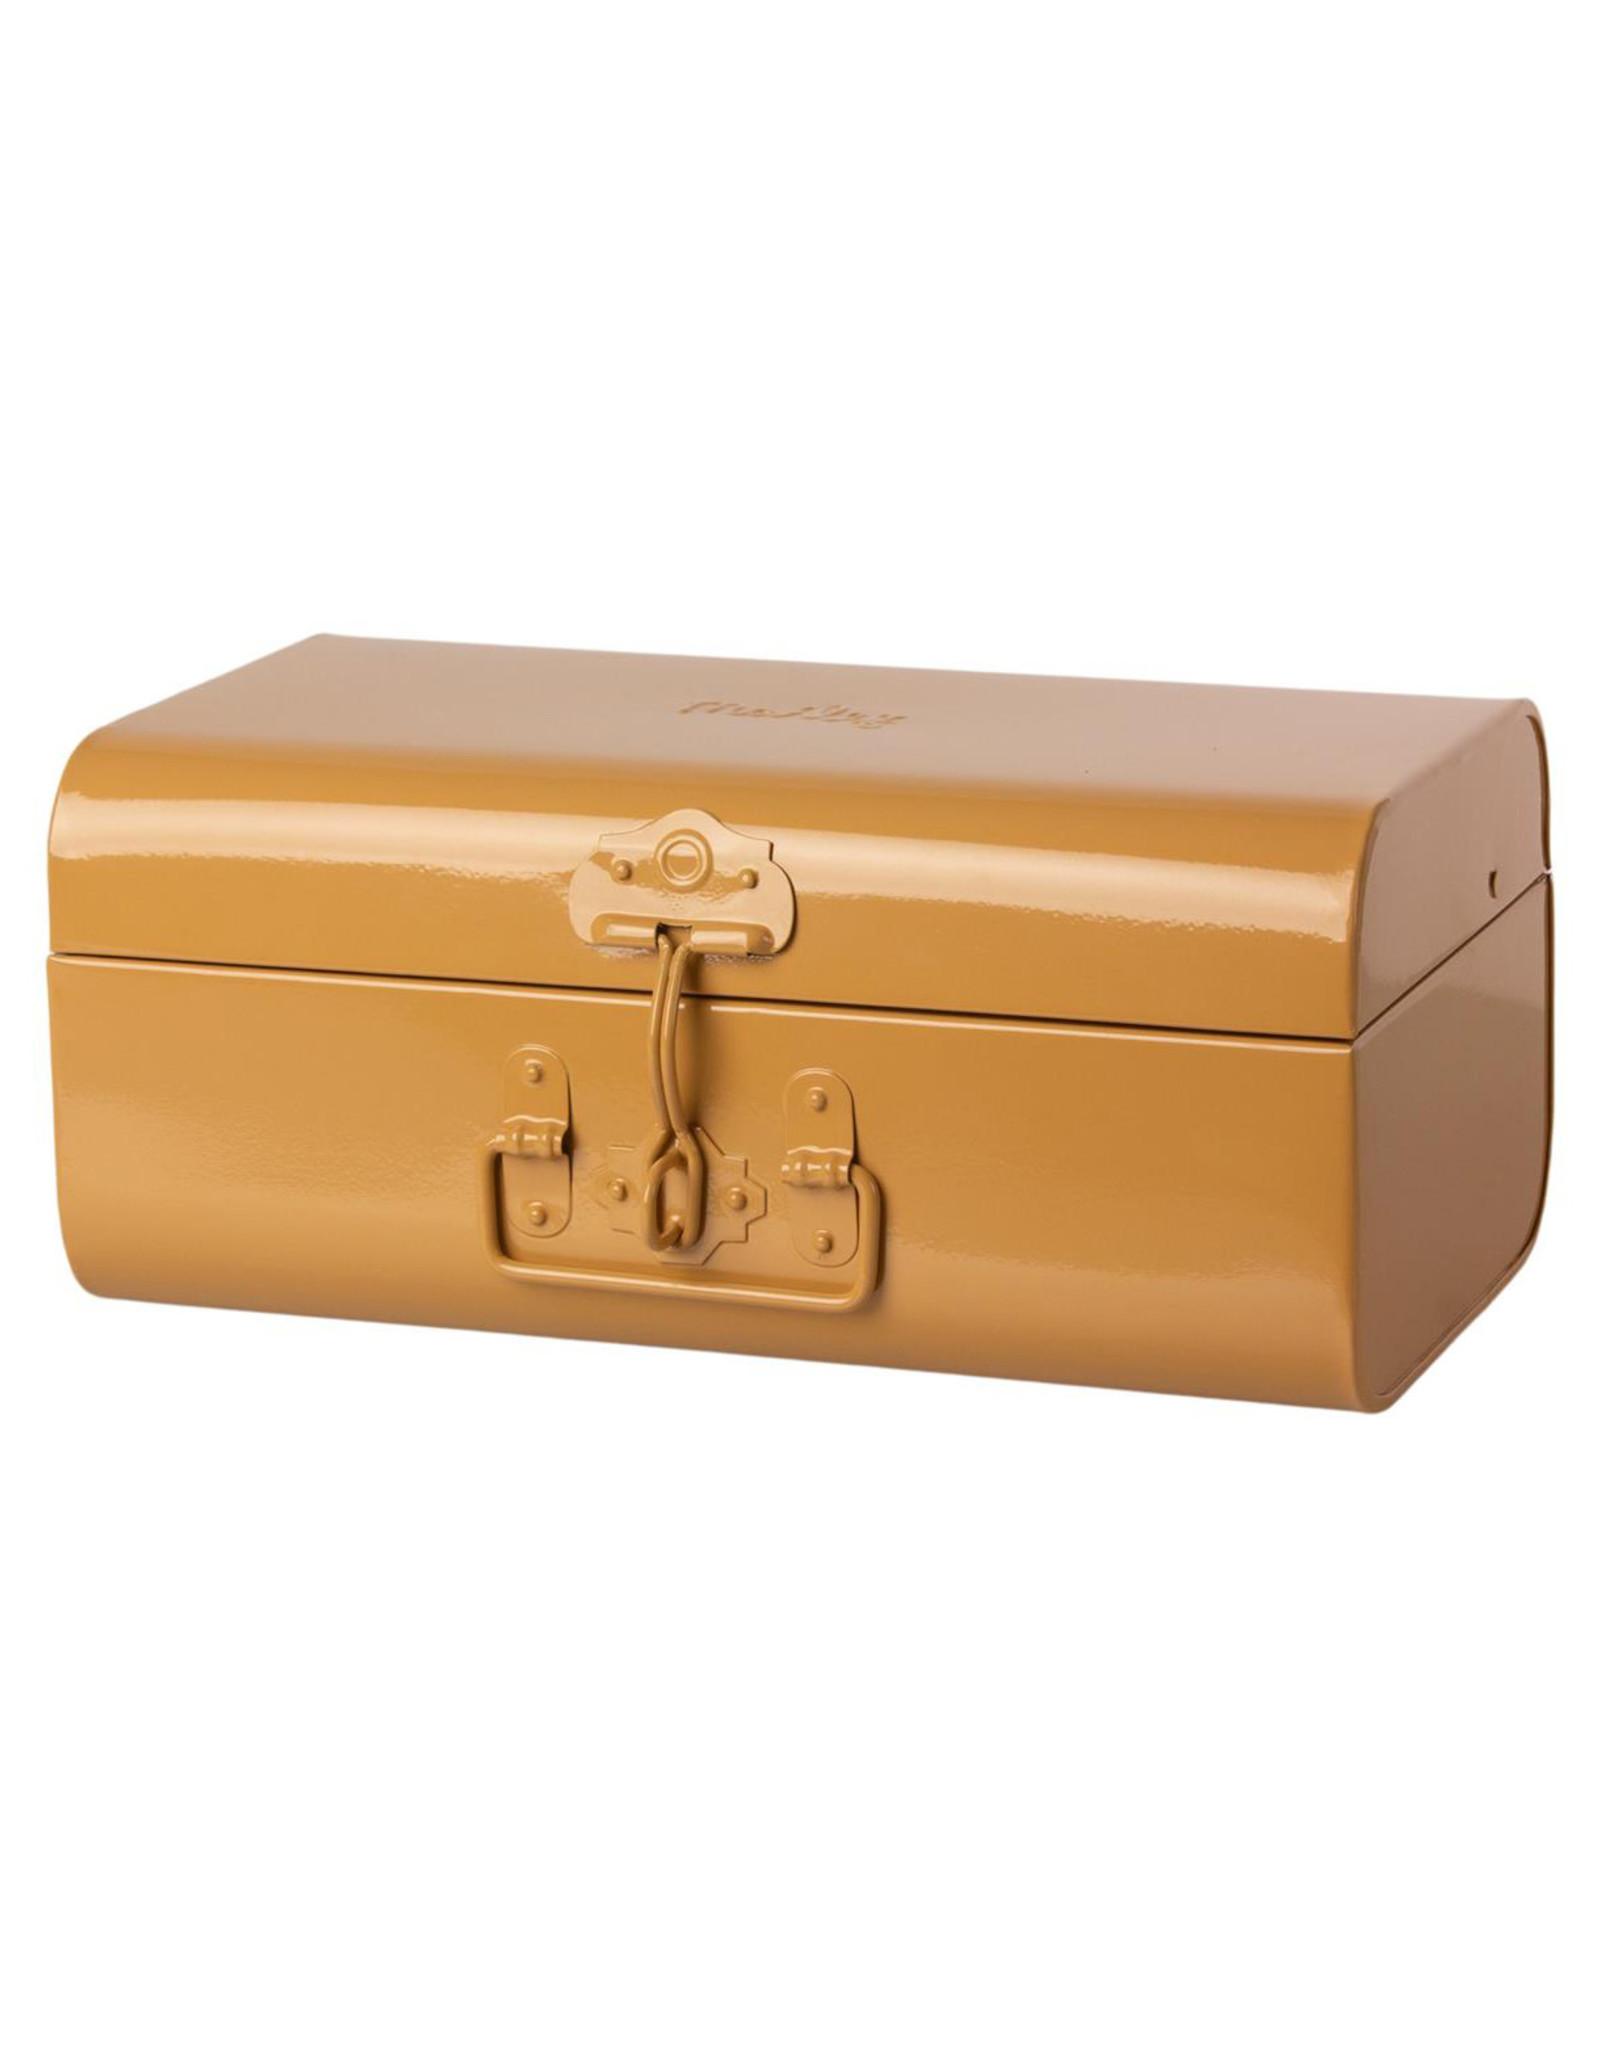 Maileg Small Storage Suitcase - Ocher